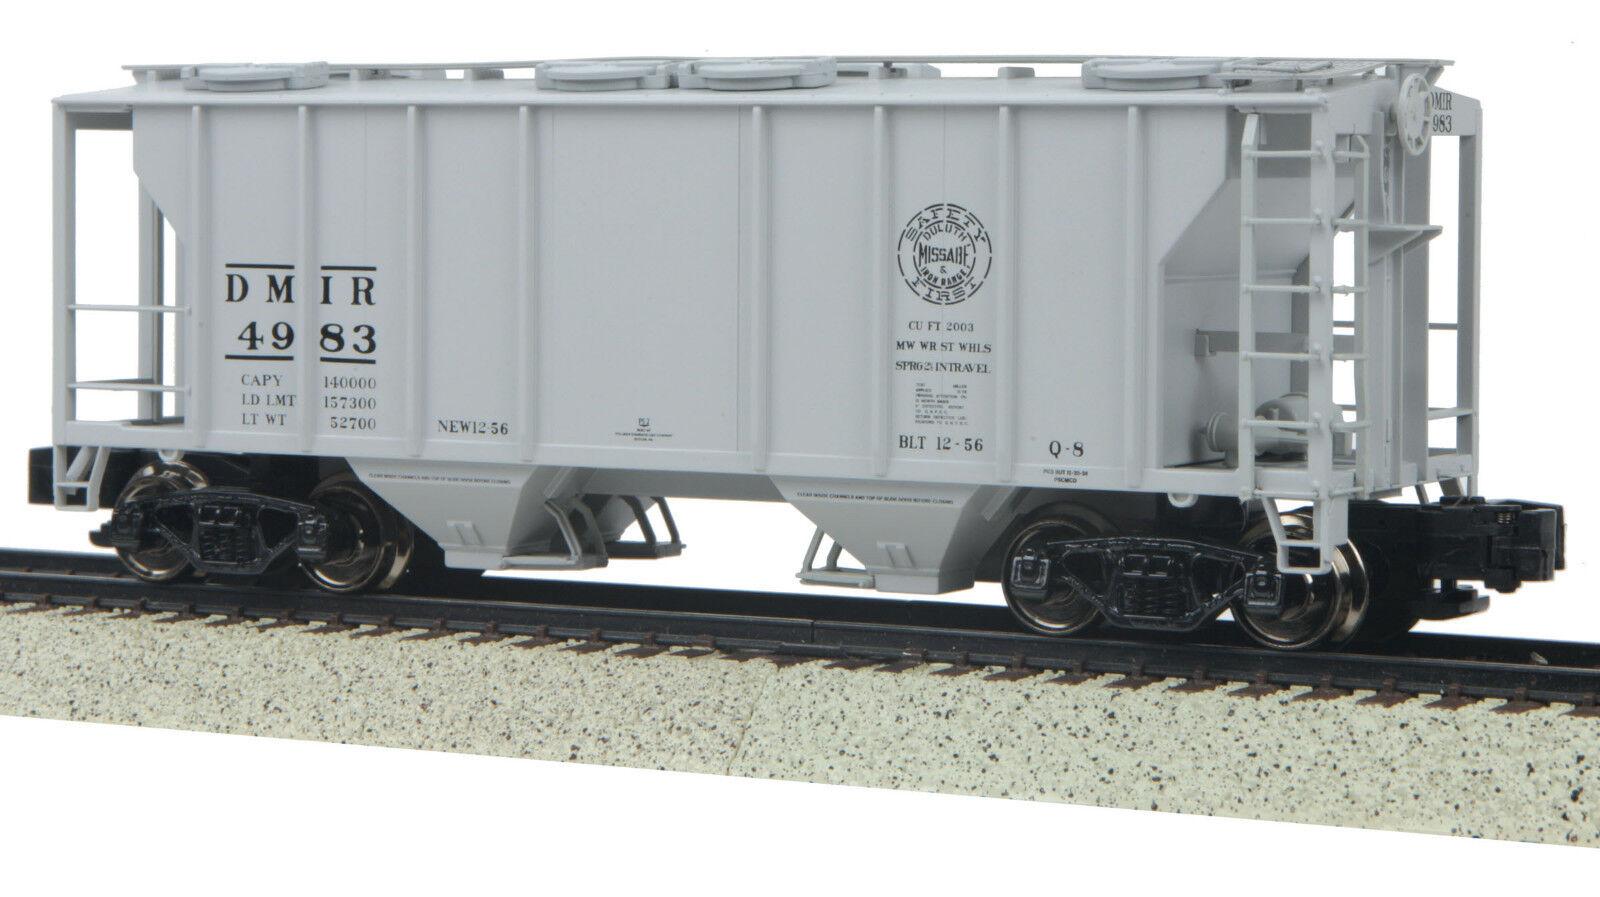 MTH S Gage PS -2 Hopper -bil Duluth Missabe & och järnRange 35 -7538